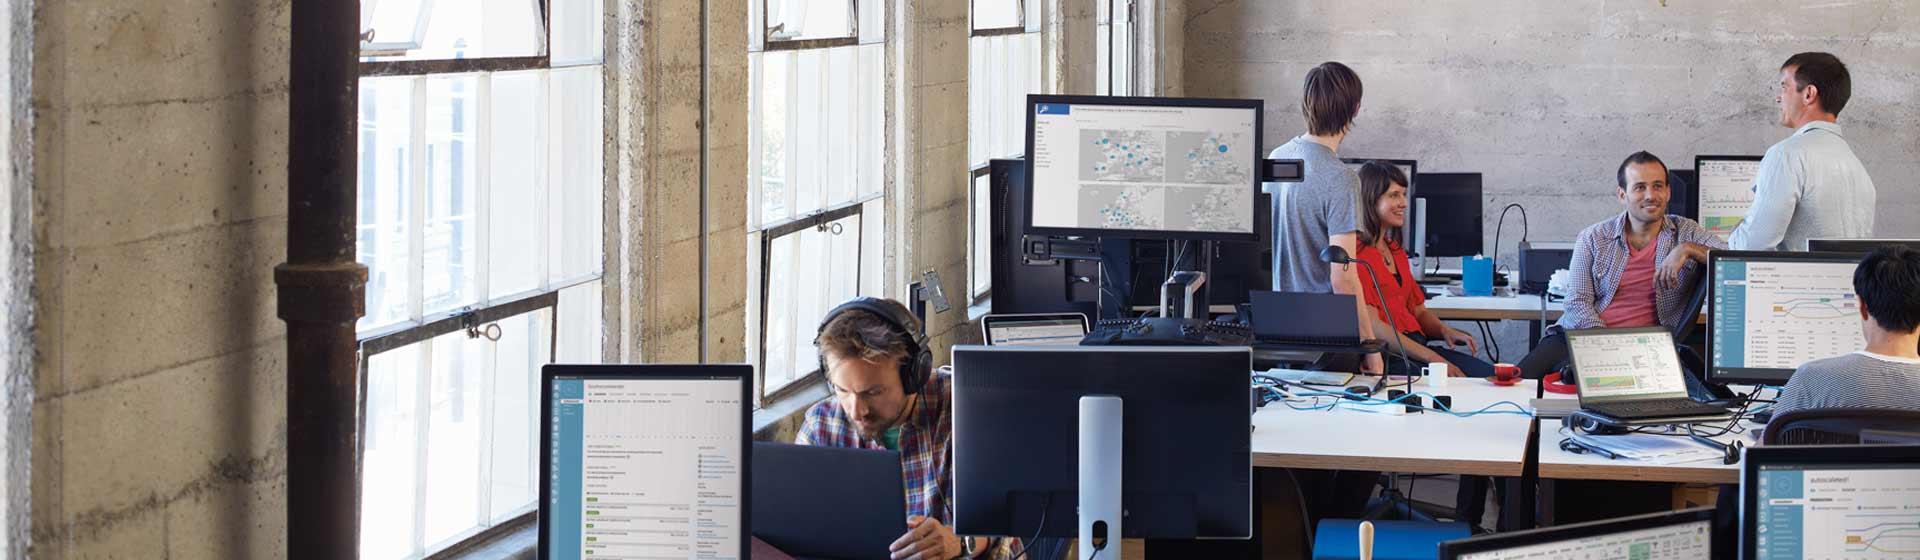 En grupp medarbetare sitter och står runt ett skrivbord i ett kontor med datorer där Office 365 körs